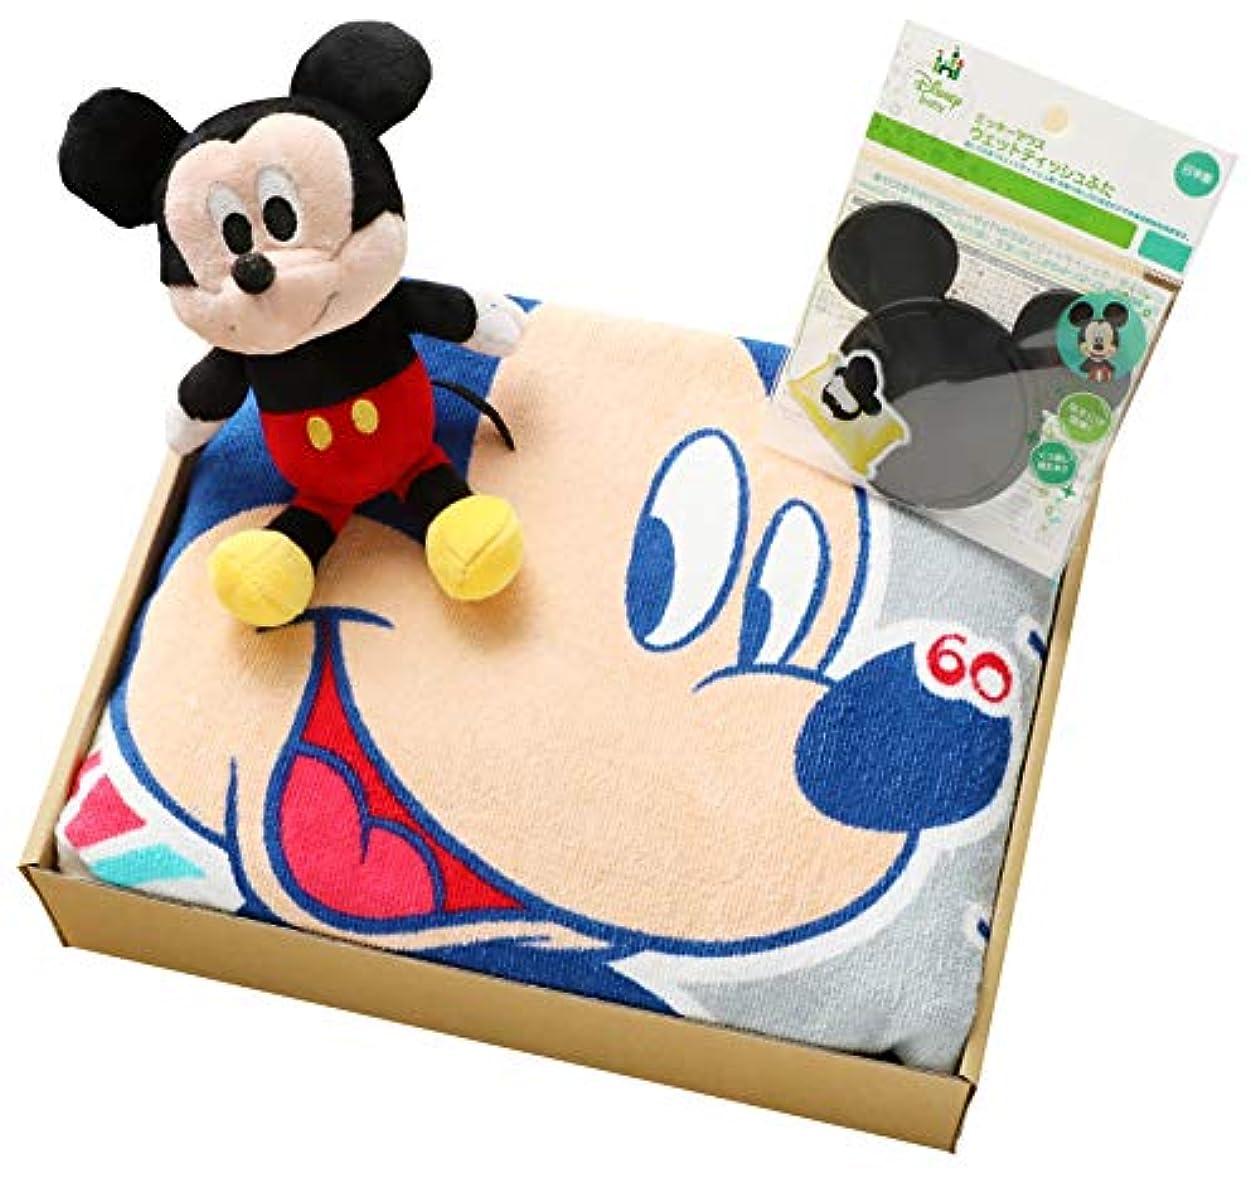 借りている寝る粒Disney 出産祝いギフト3点セット (名入れ刺繍 身長計付き バスタオル、ぬいぐるみ、おしりふきのふた) ブルー